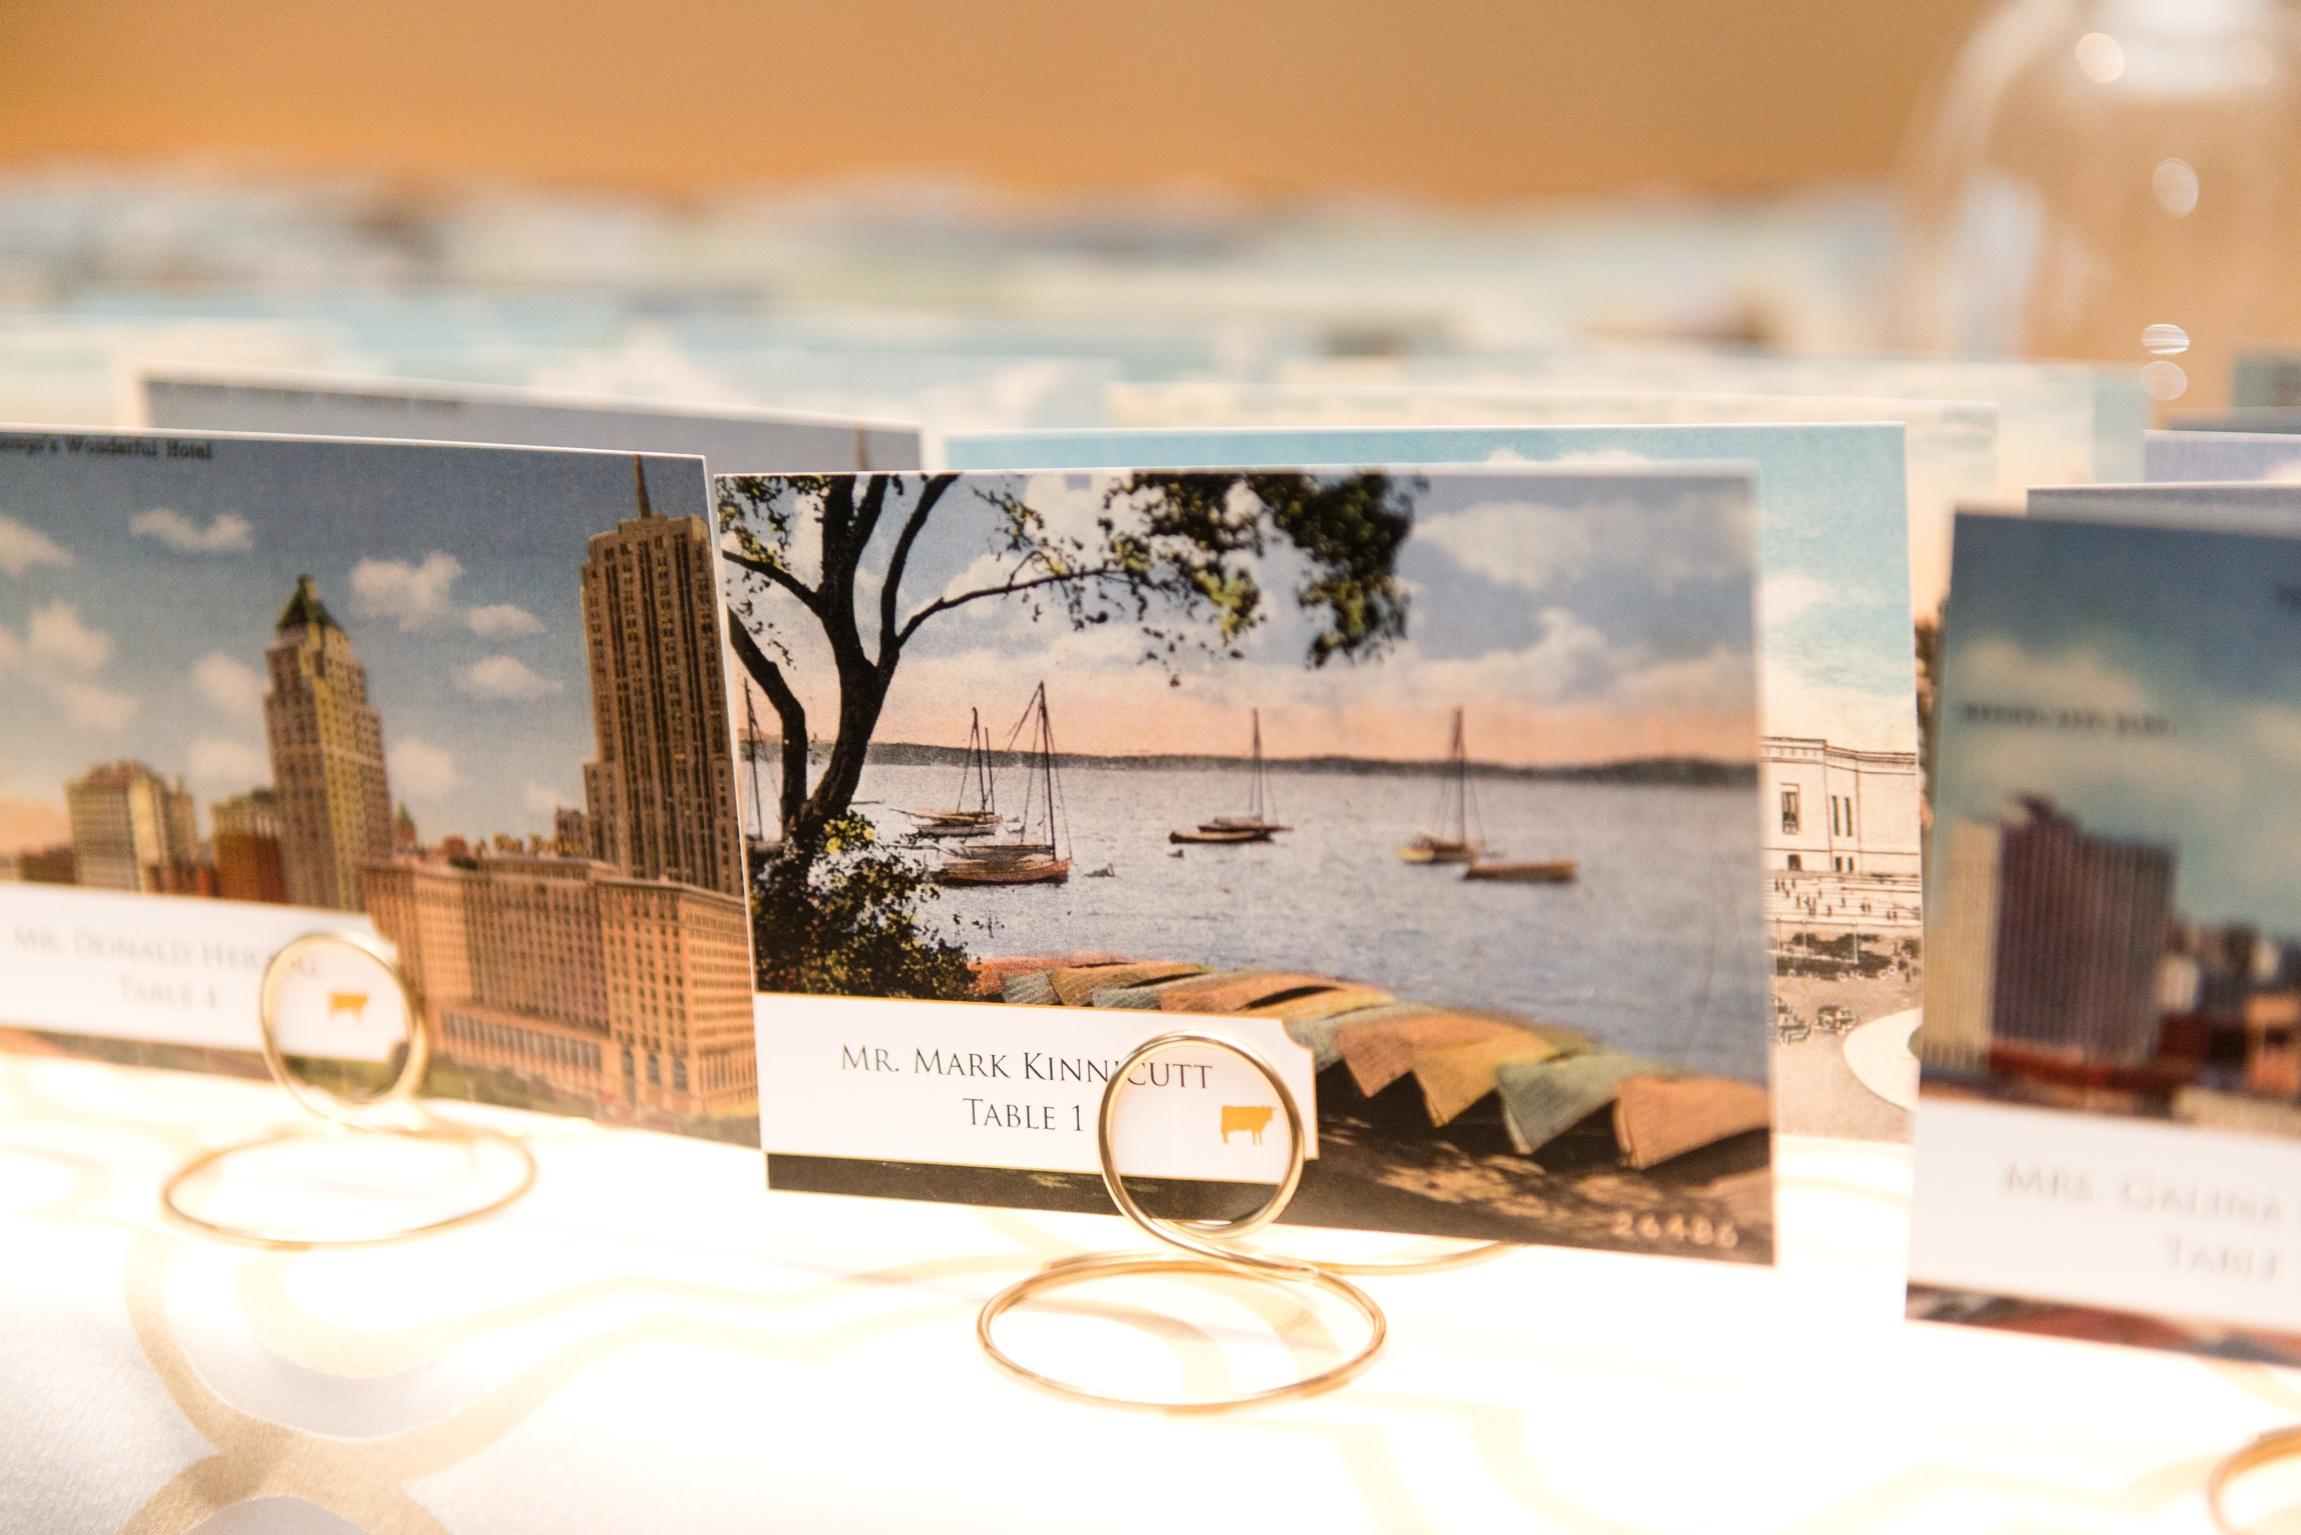 Vintage Postcard Place Cards